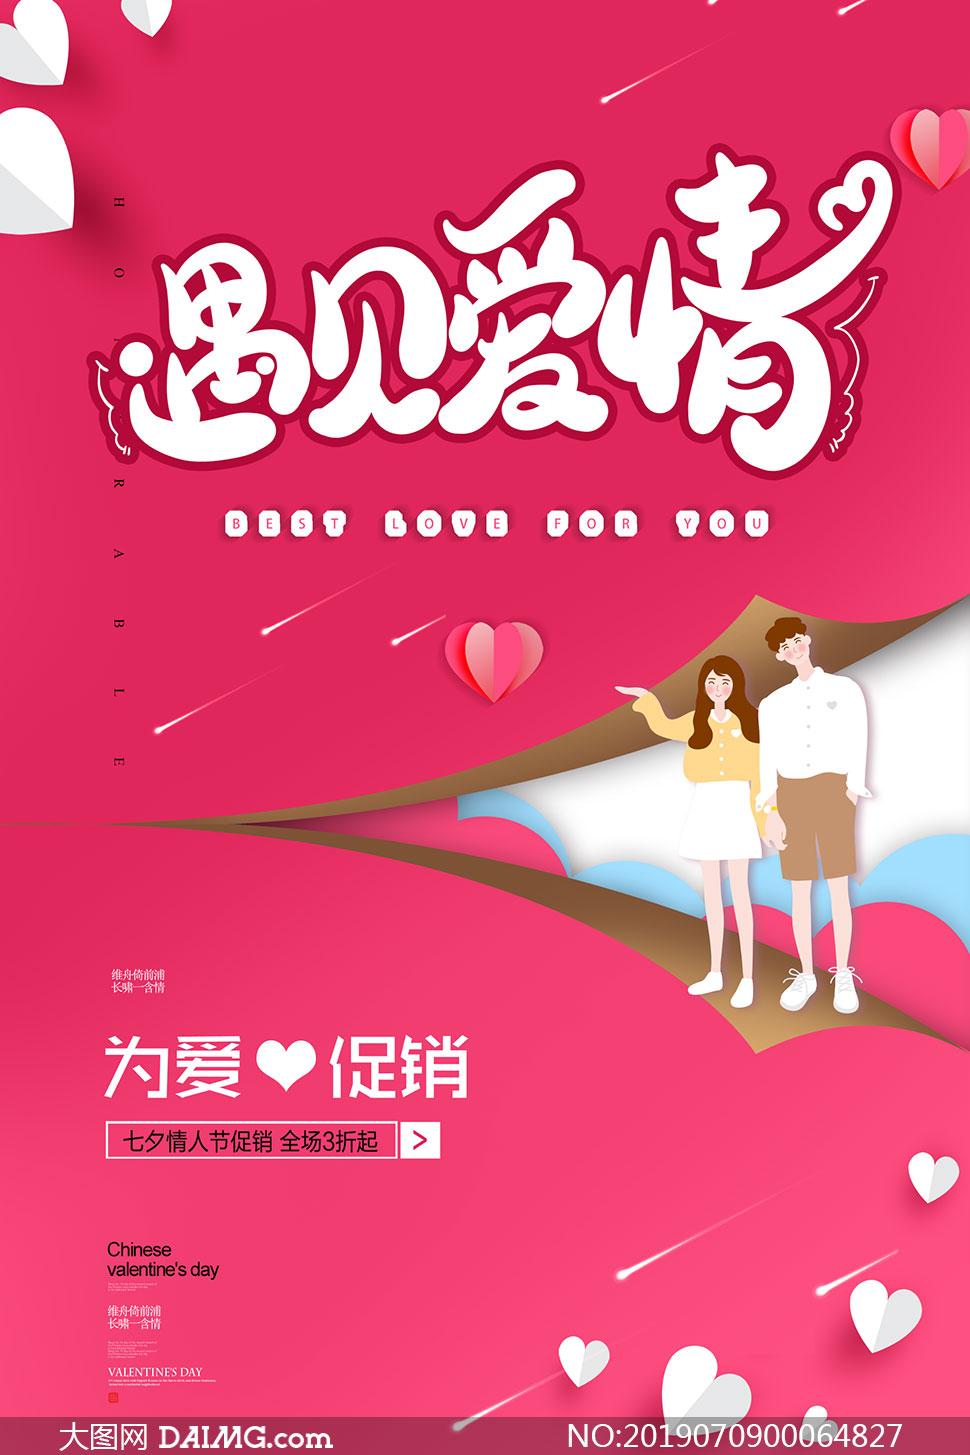 遇见爱情抽象主题海报设计PSD素材